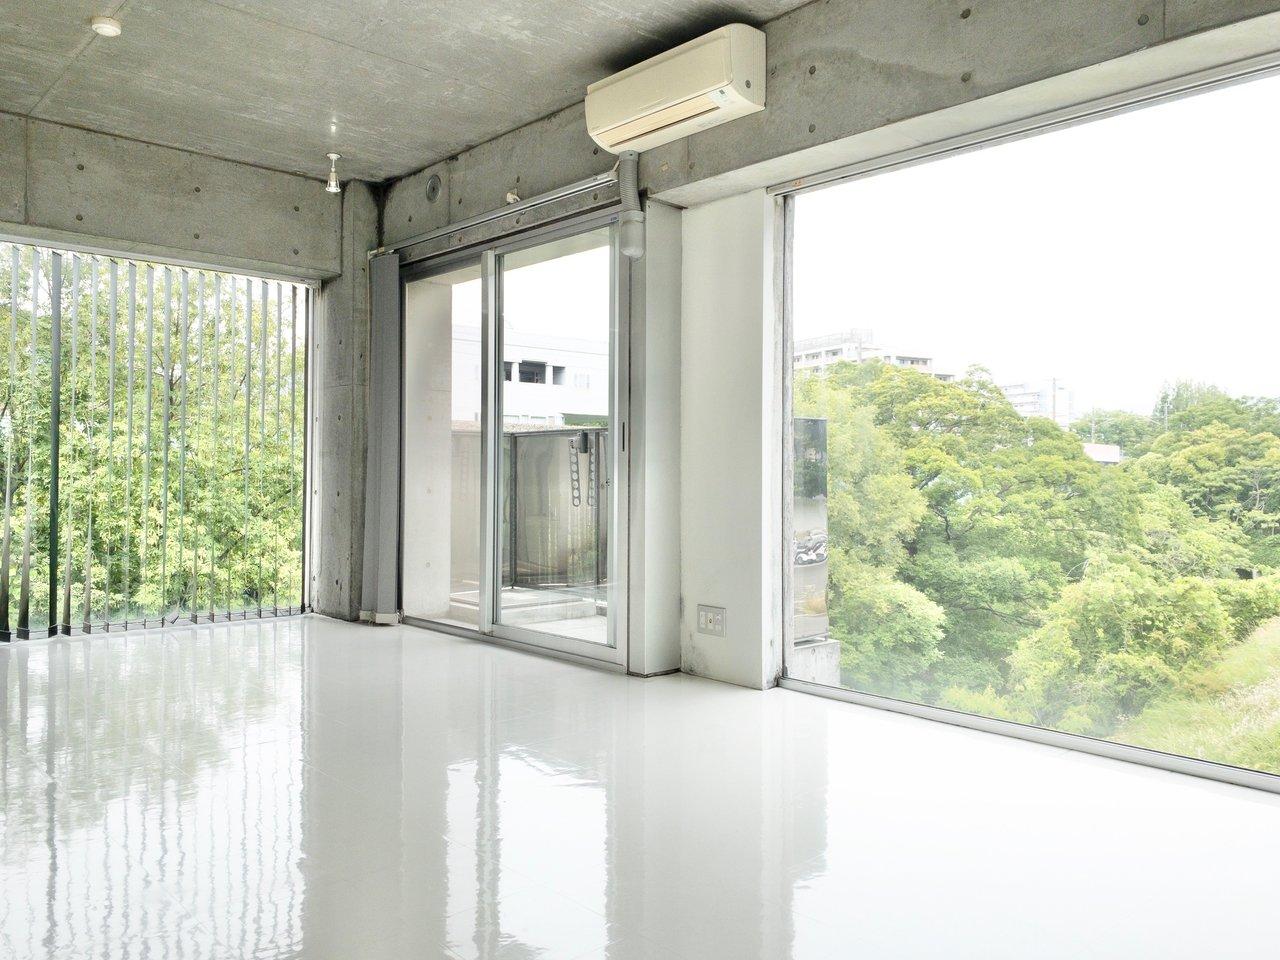 山田駅から徒歩6分。広々としたワンルームのお部屋です。2面採光で壁際ギリギリまでが窓!まるで美術館のなかにいるかのような雰囲気に包まれています。